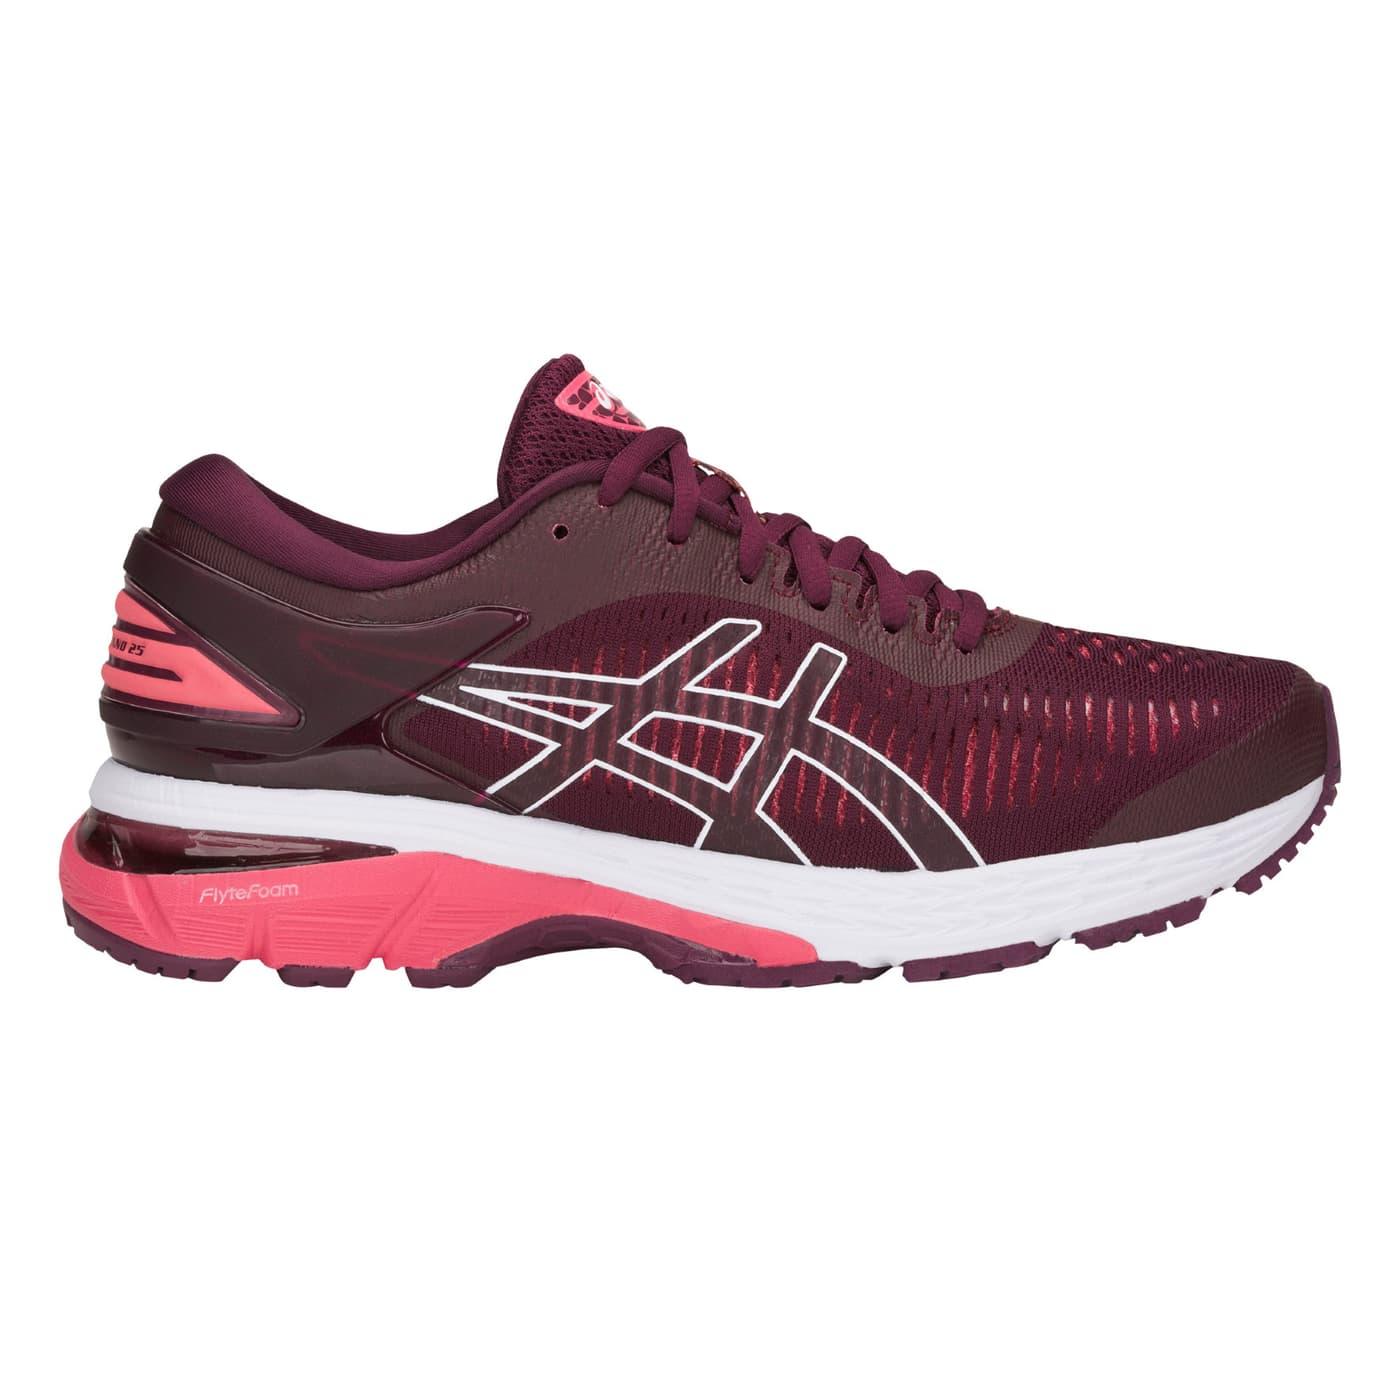 Asics Gel Kayano 25 Chaussures de course pour femme